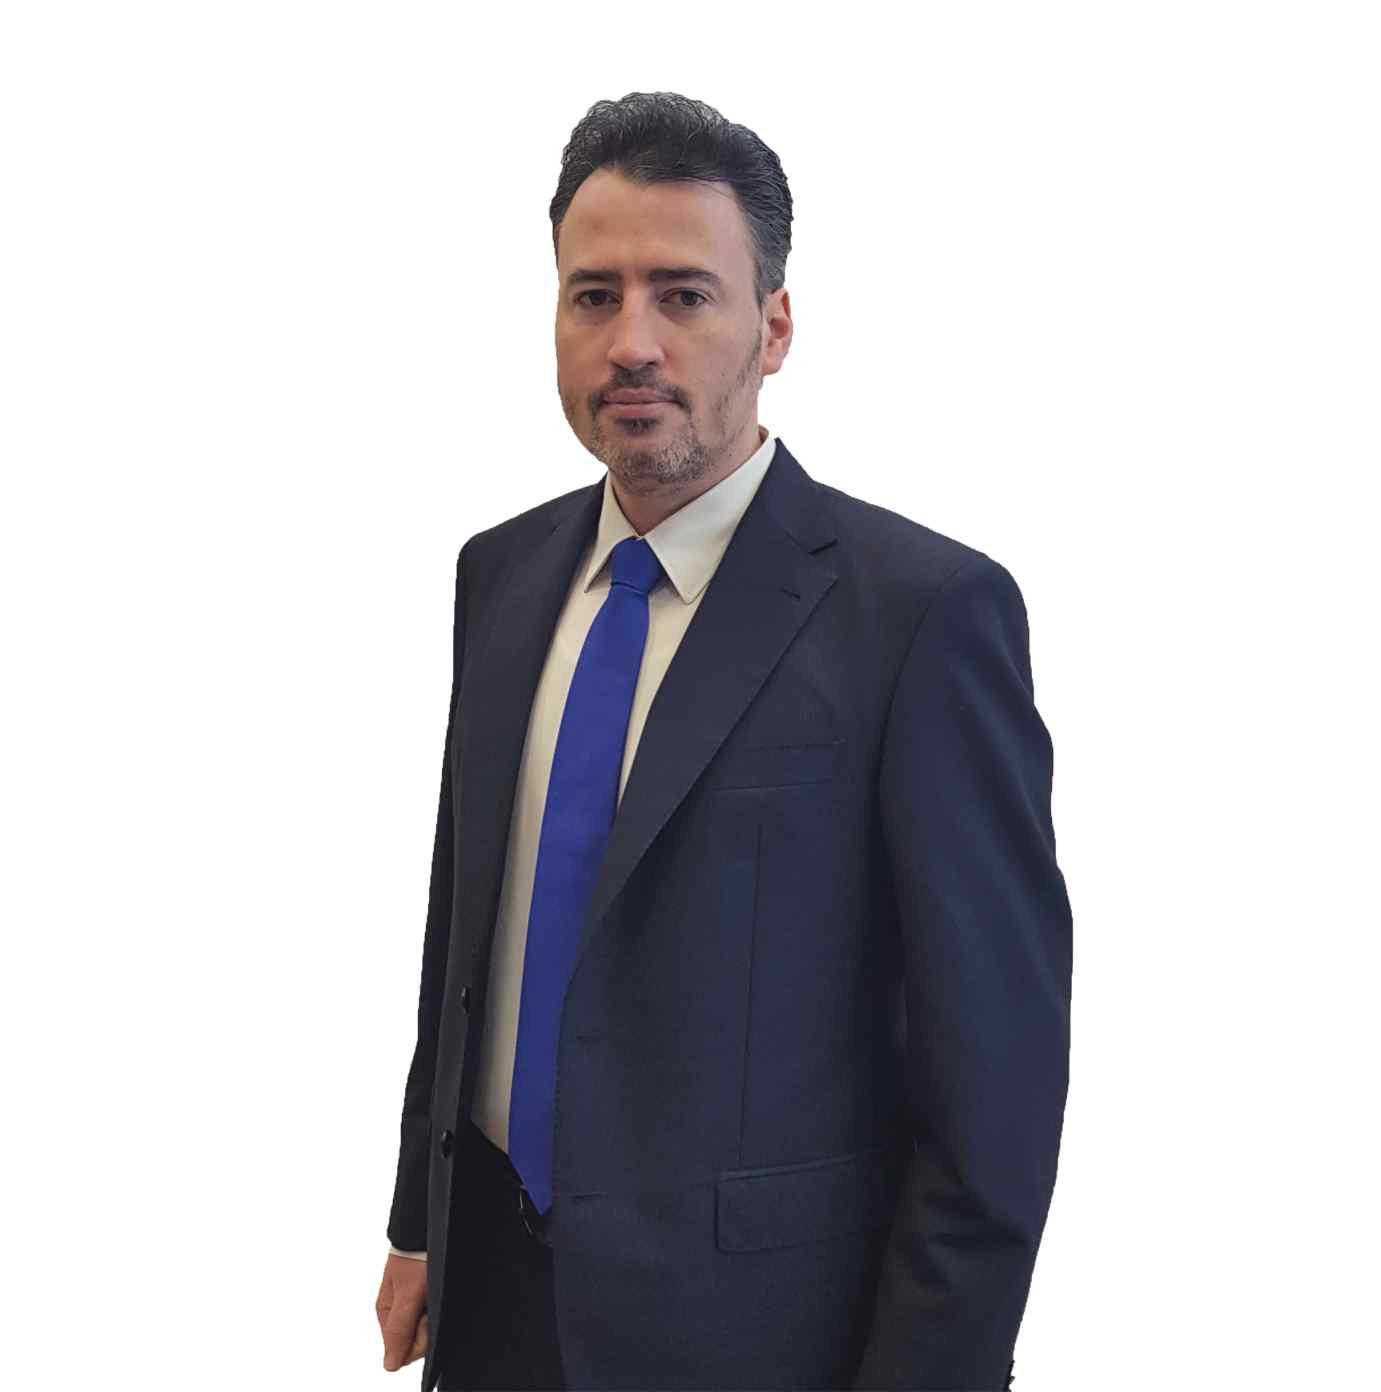 JORGE ALMAZAN I